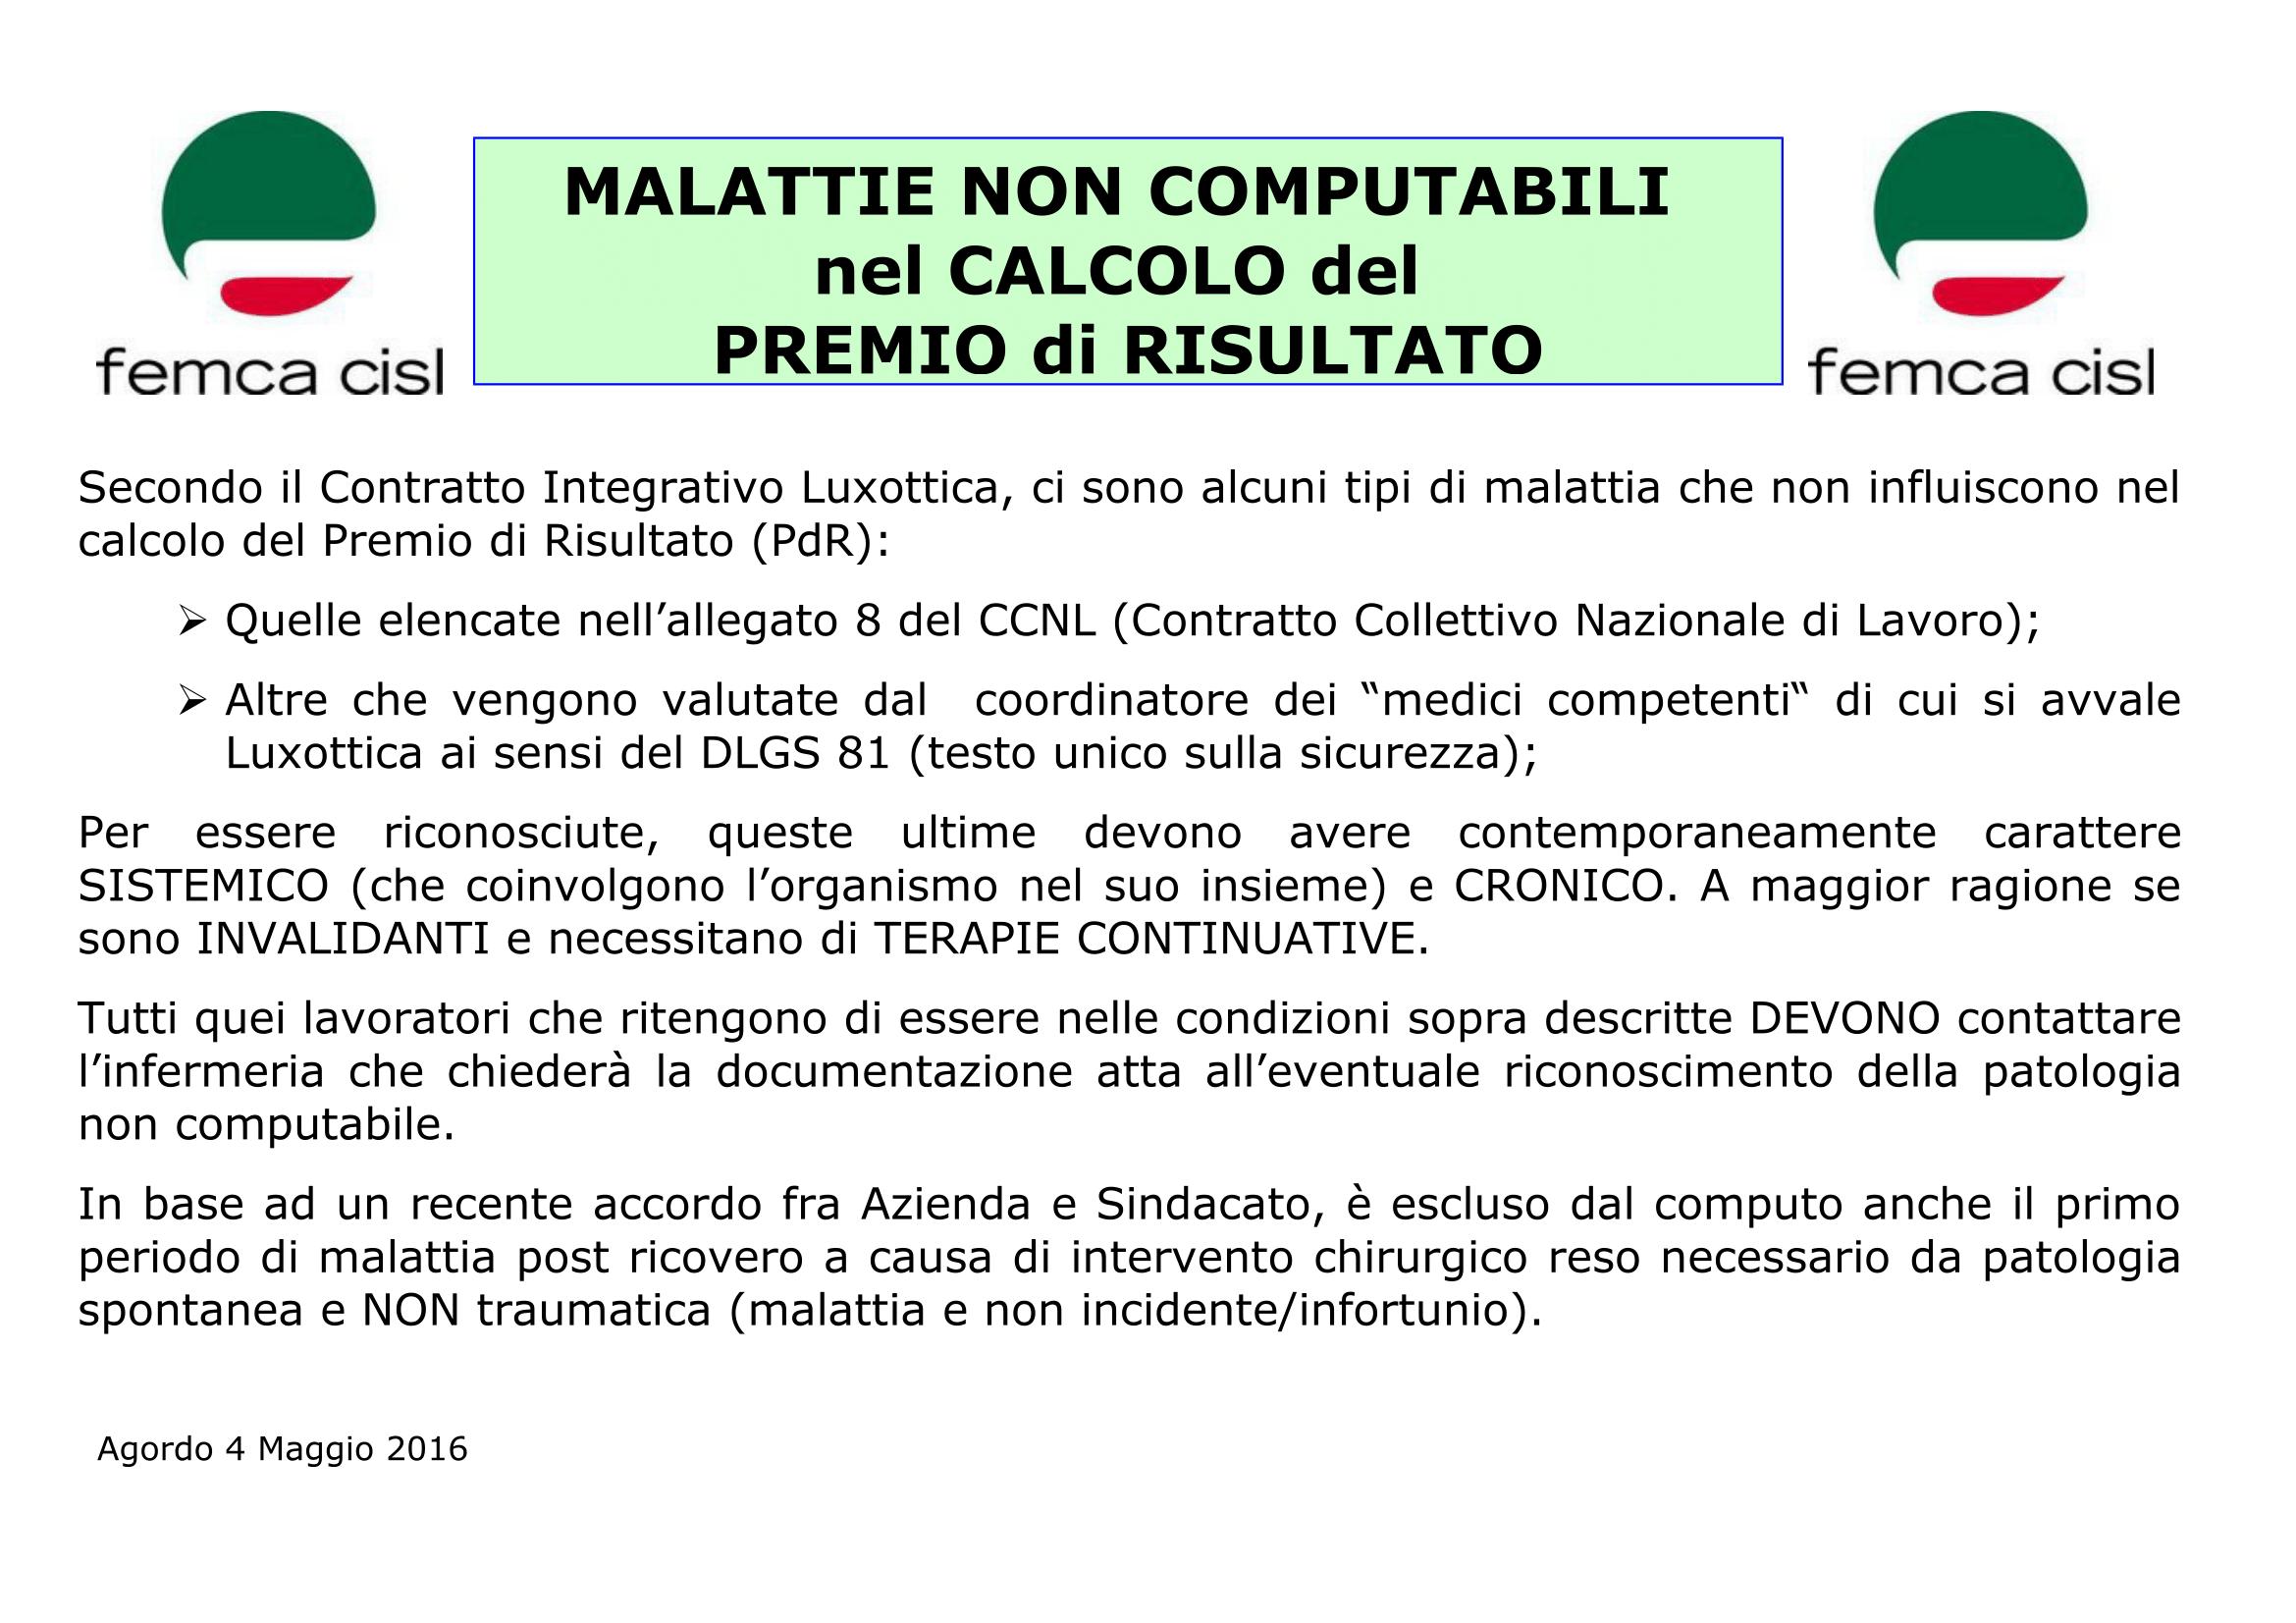 Malattie_Pdr_Luxottica